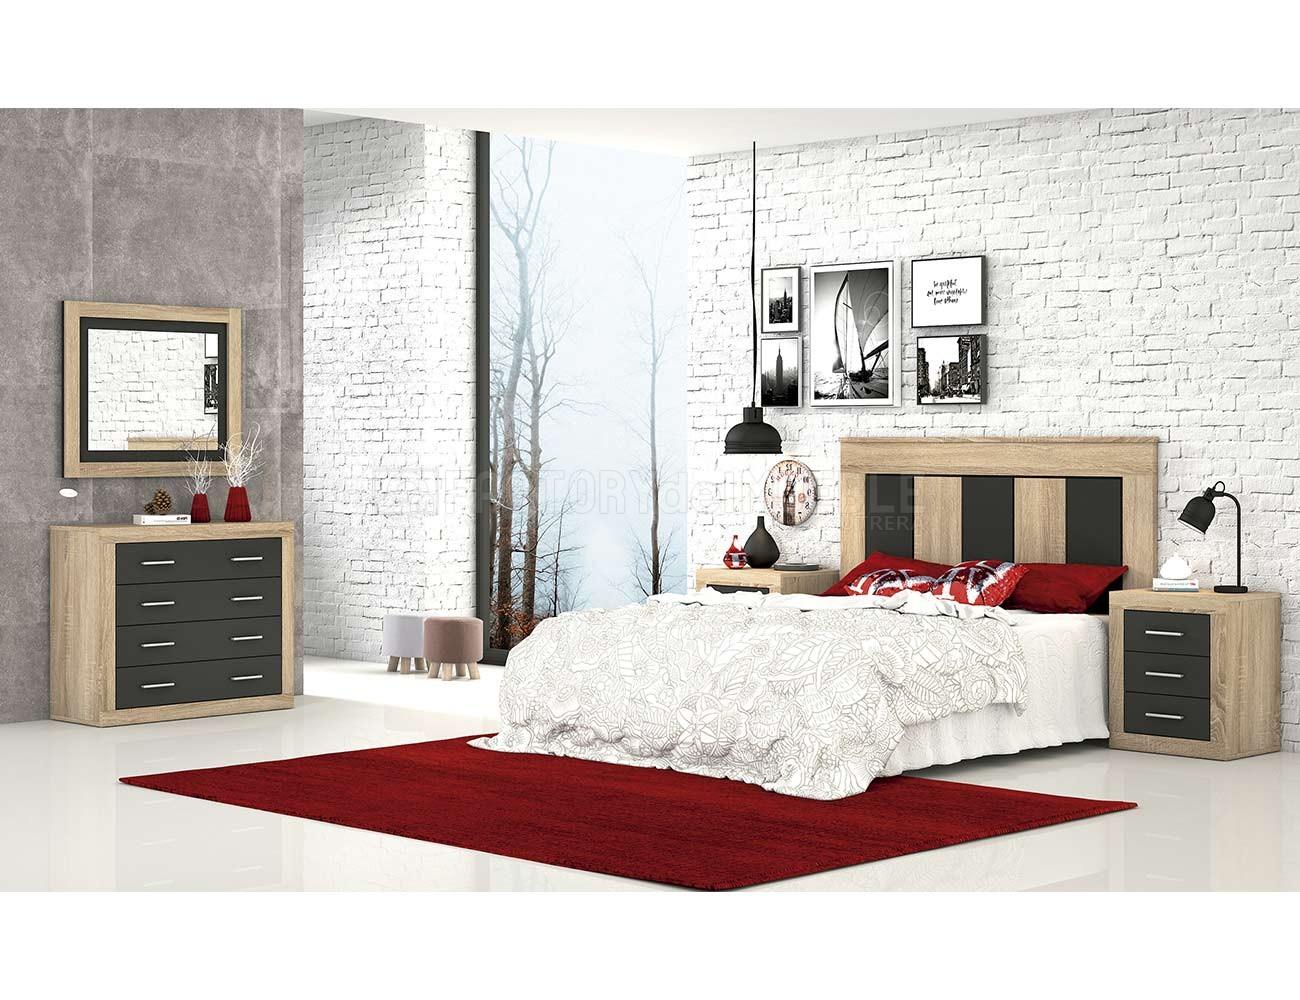 Dormitorio moderno cambria grafito 4